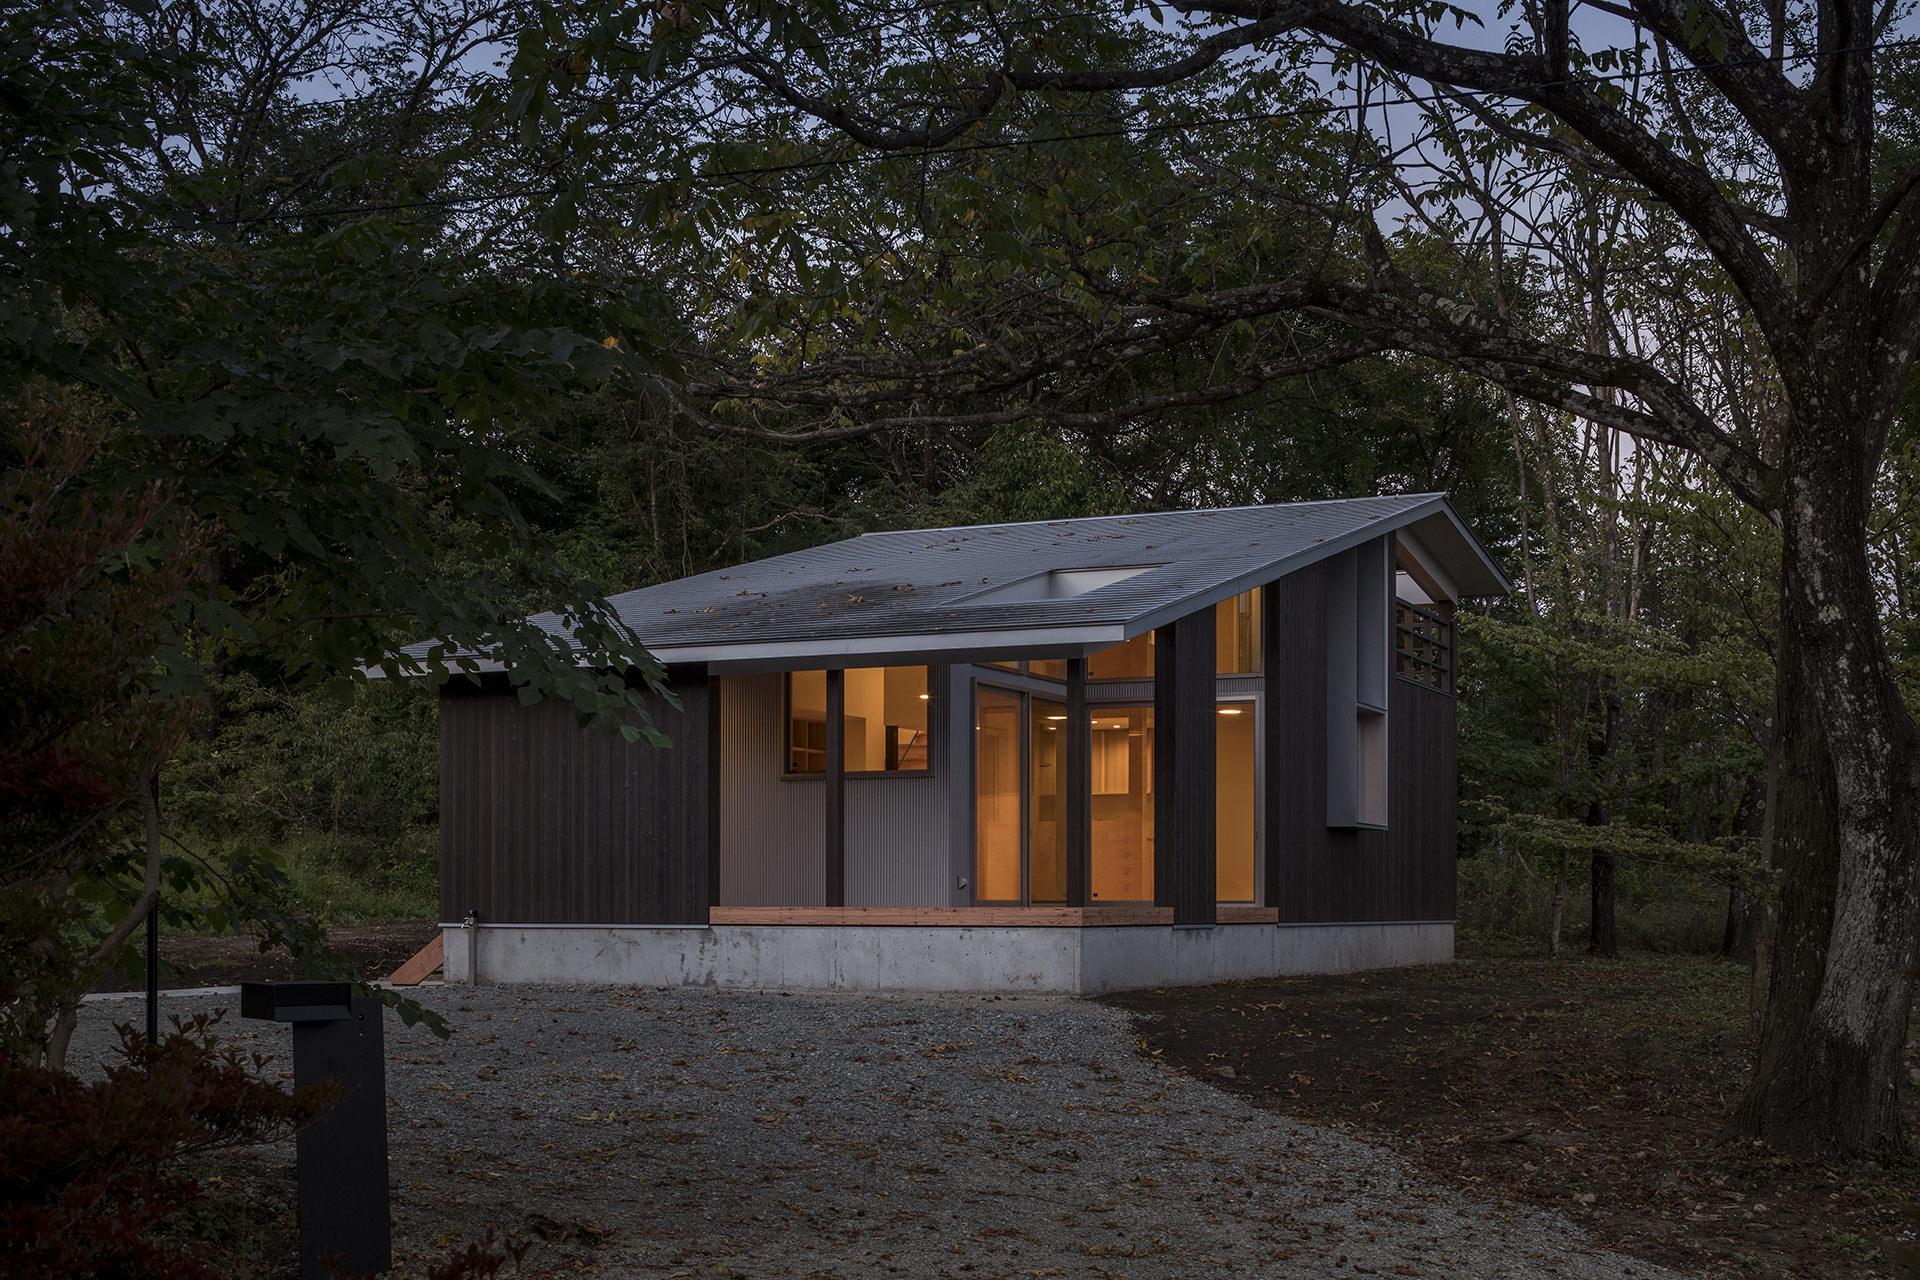 自然に寄り添う、アウトドアリビングをもつ大屋根の家 イメージ19 撮影:東涌写真事務所・東涌宏和